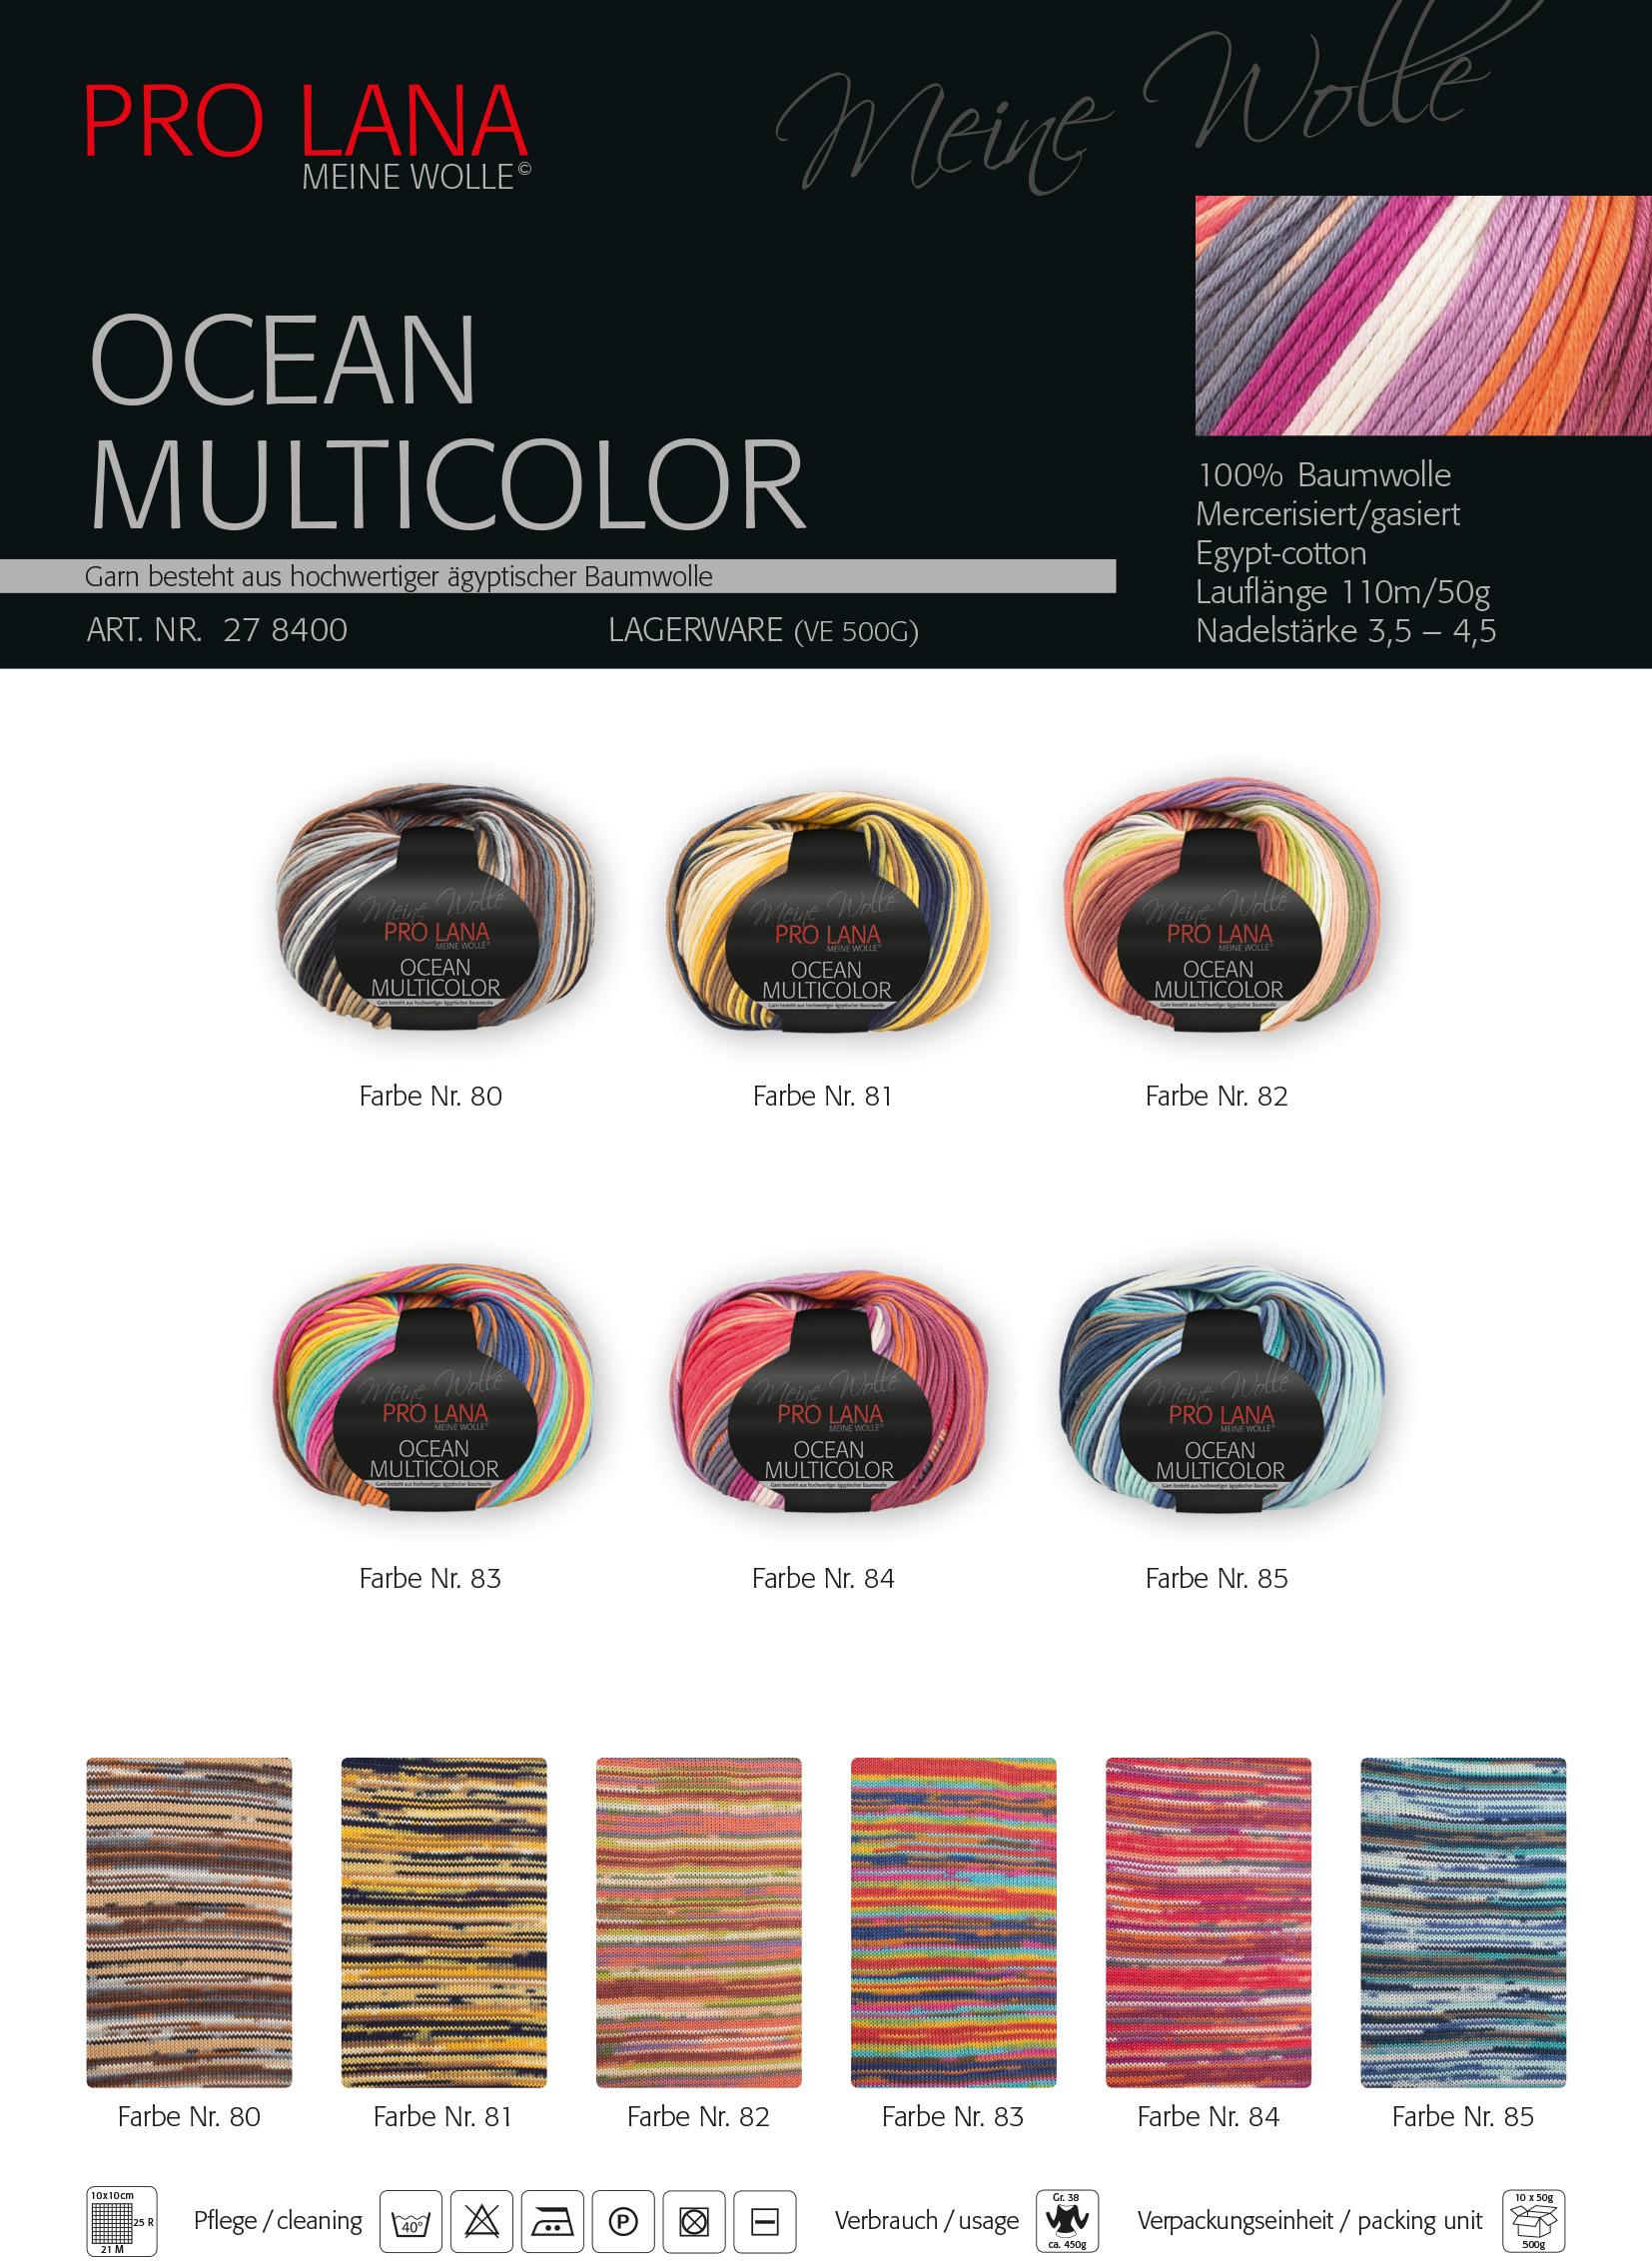 Ocean-Multicolor-wolle-hoffmann